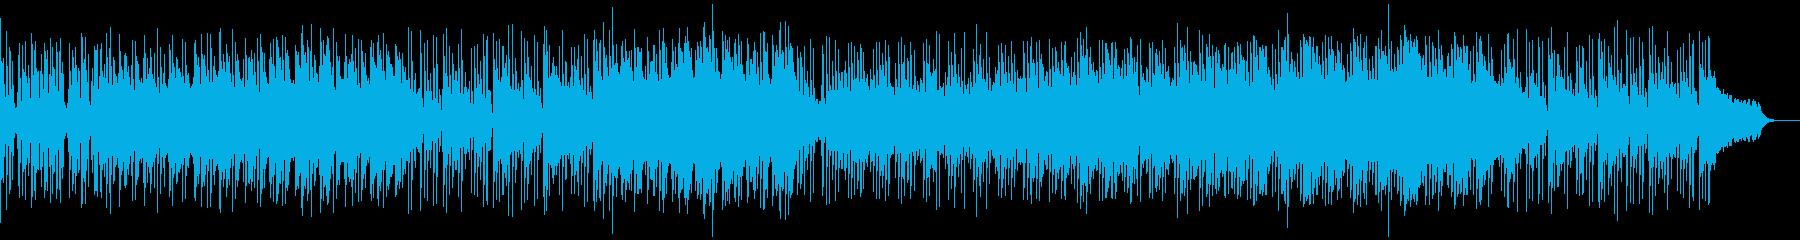 法人 サスペンス 技術的な 静か ...の再生済みの波形